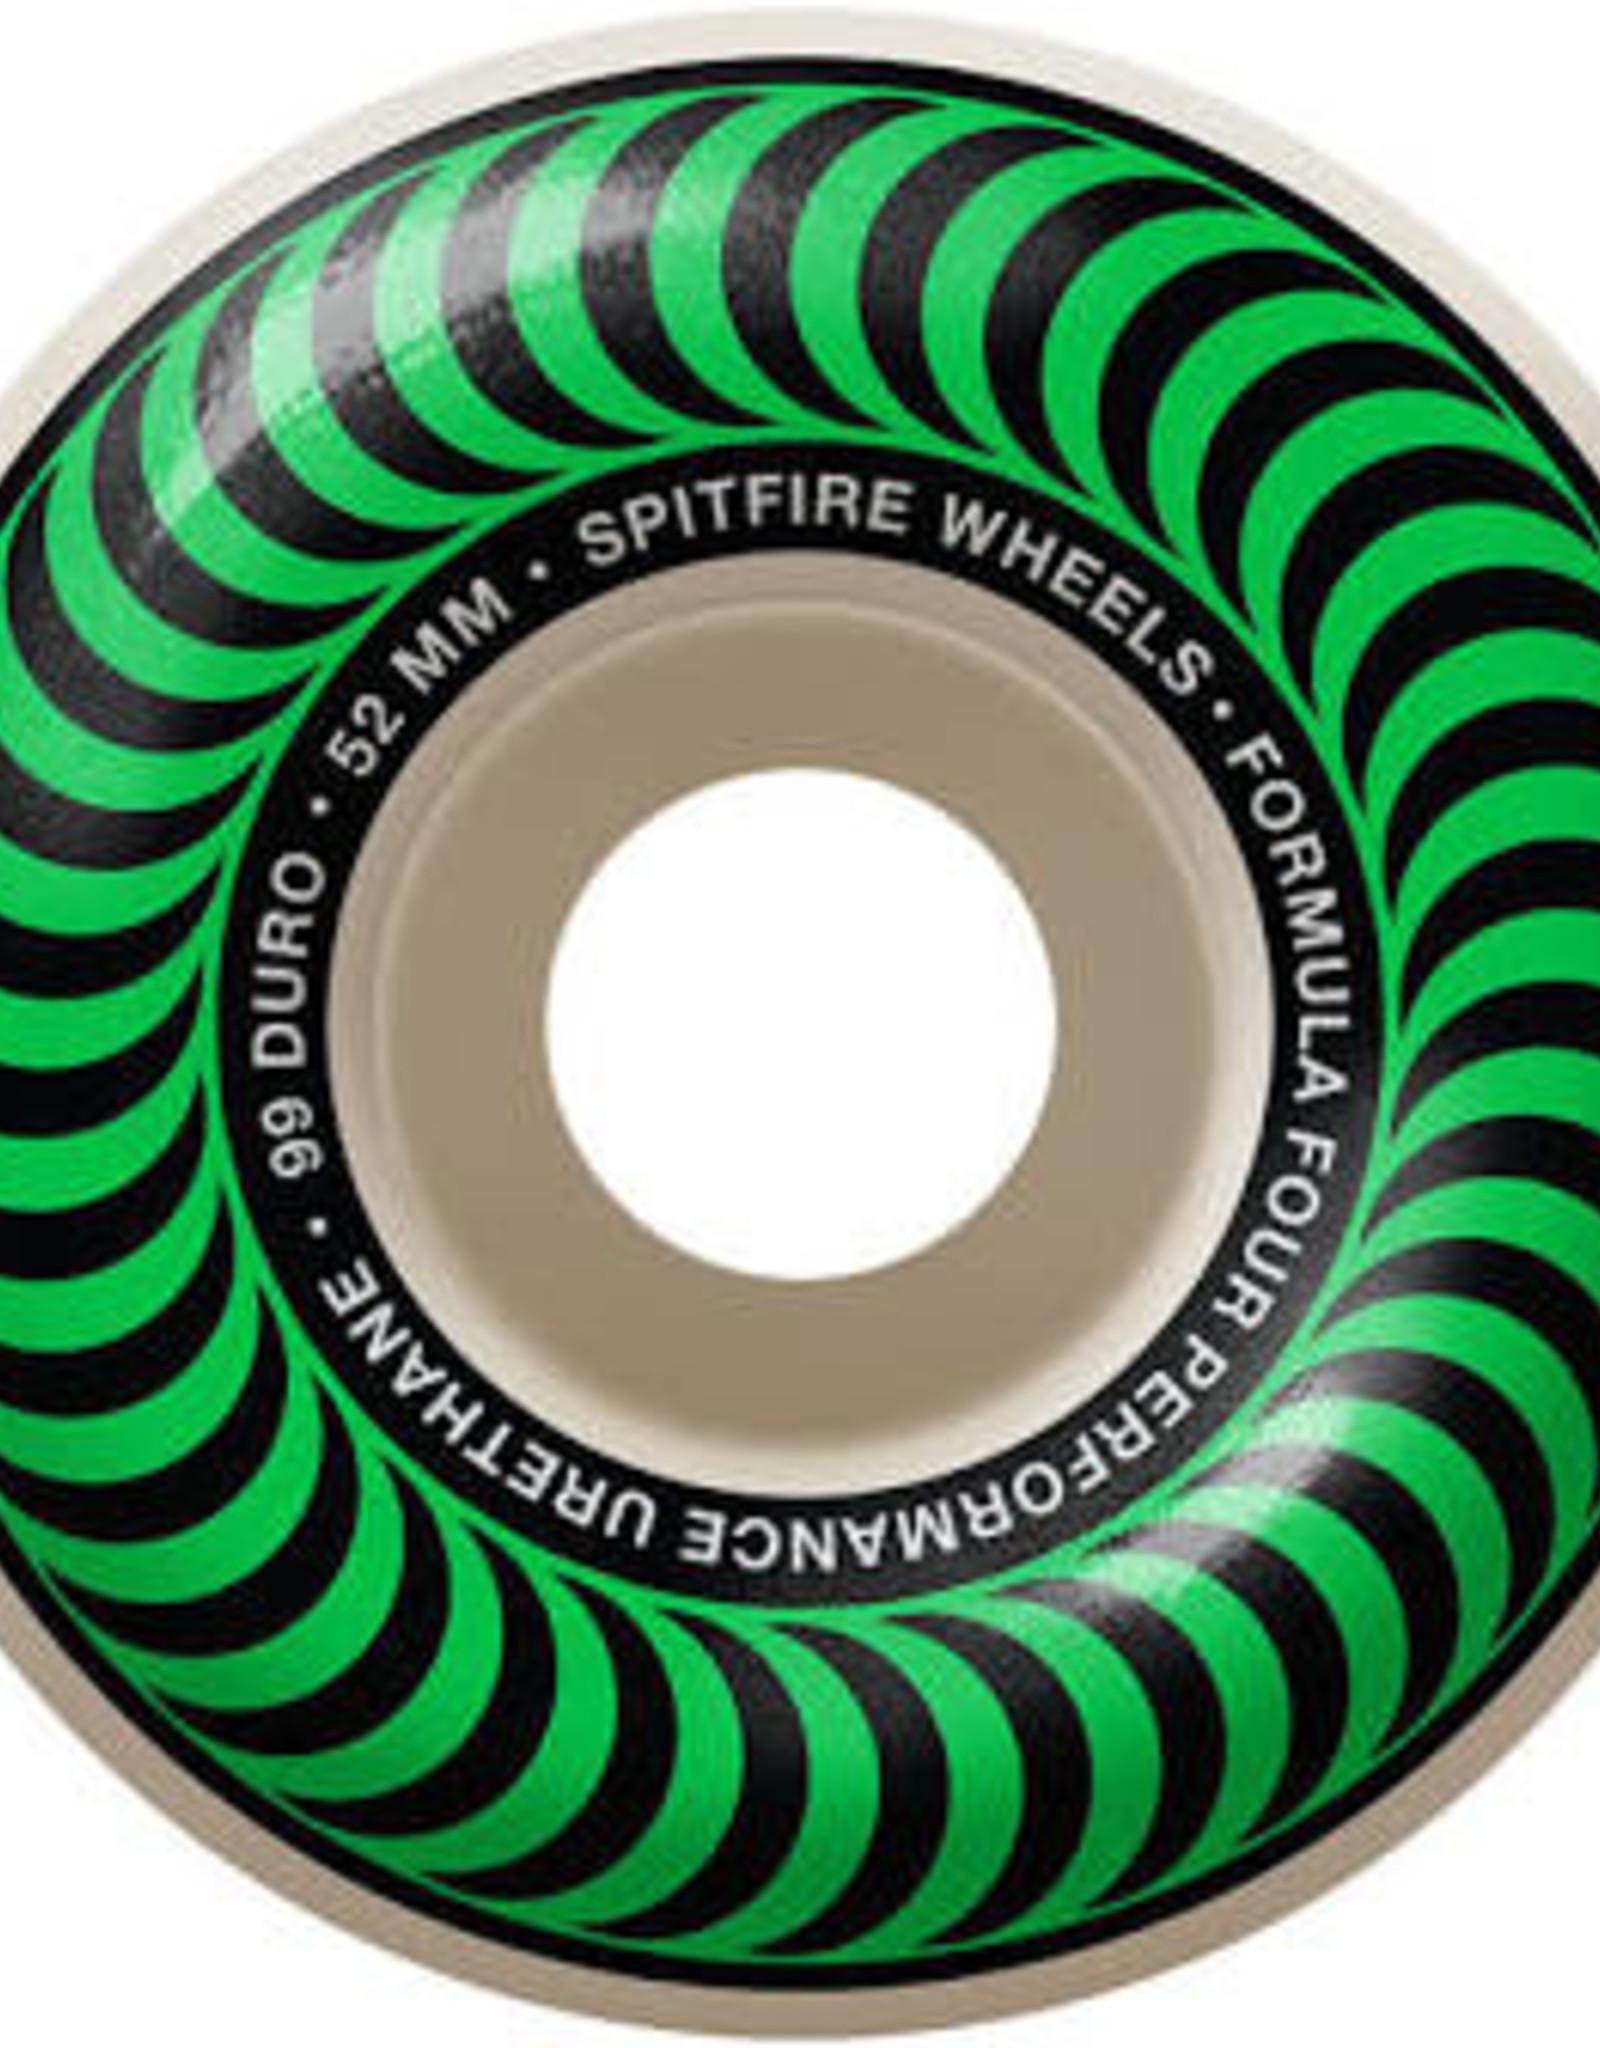 Spitfire SPITFIRE F4 99 CLASSICS 52